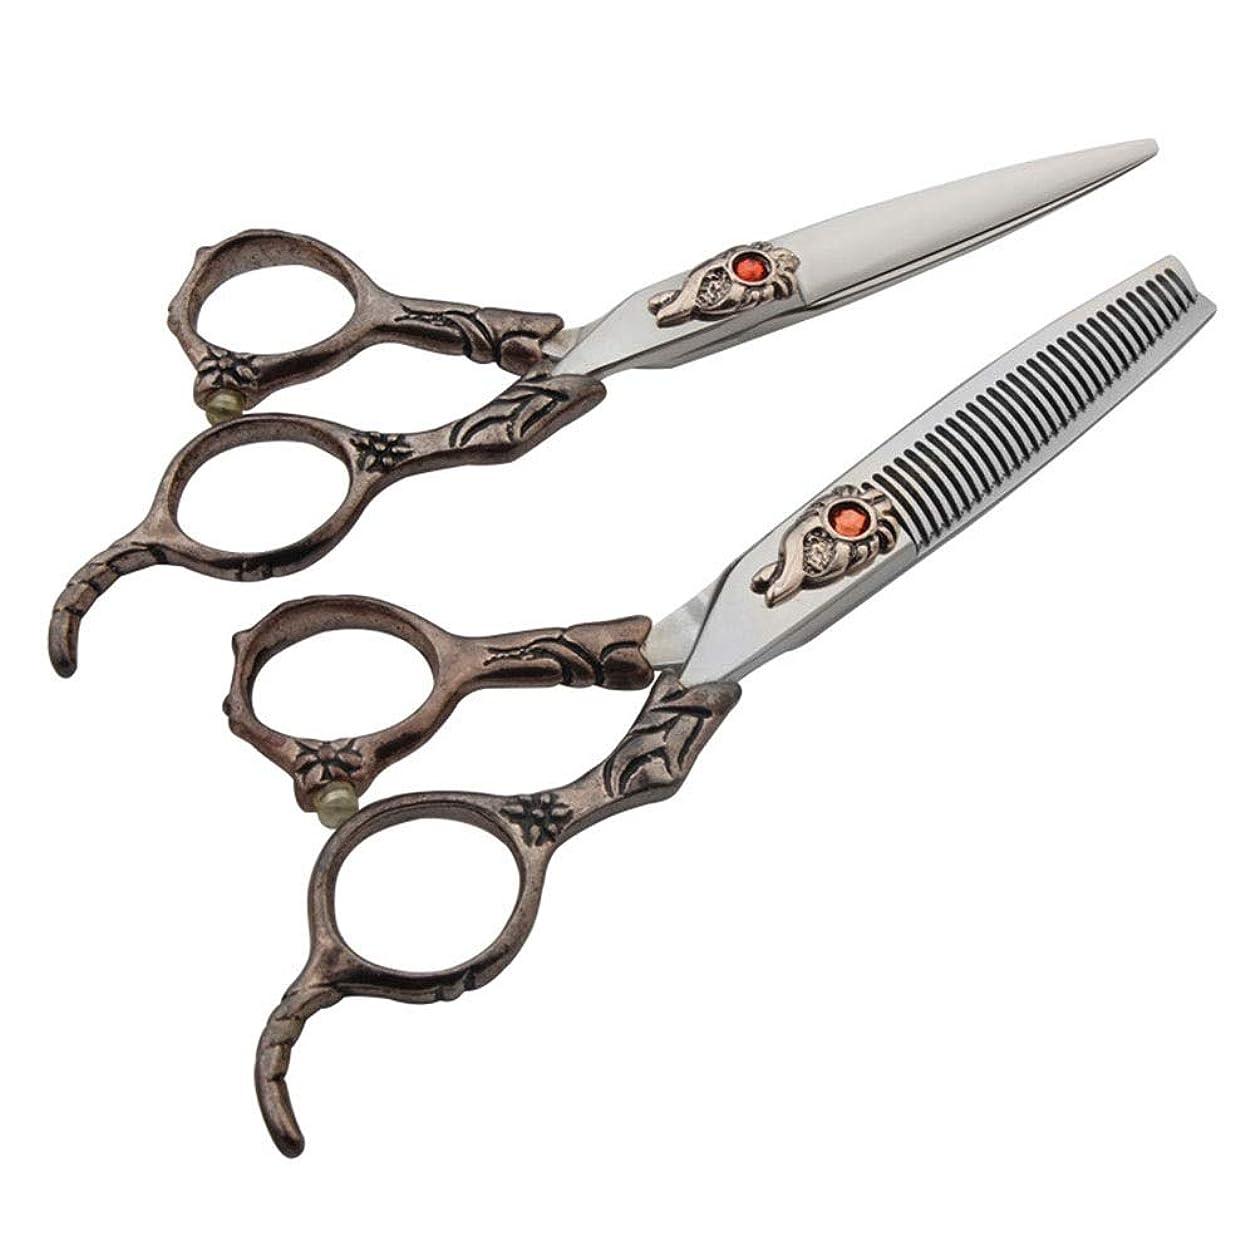 見る強化水っぽい6インチの美容院の専門の理髪セット、平らなせん断+歯のせん断の専門セット モデリングツール (色 : レッド)